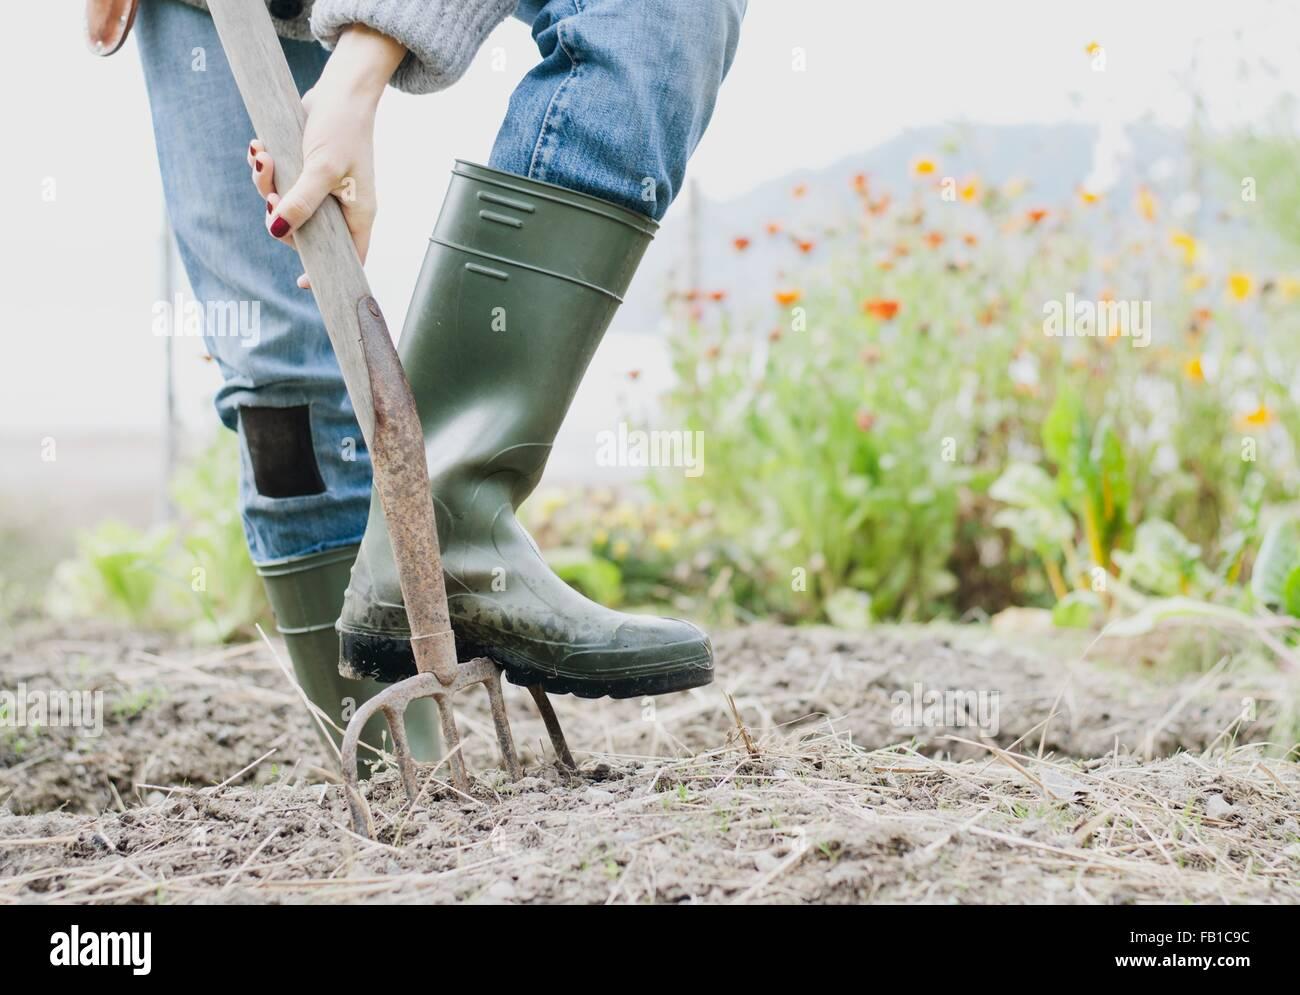 Ritagliato colpo di donna di indossare stivali di gomma di scavo giardino organico con forca Immagini Stock